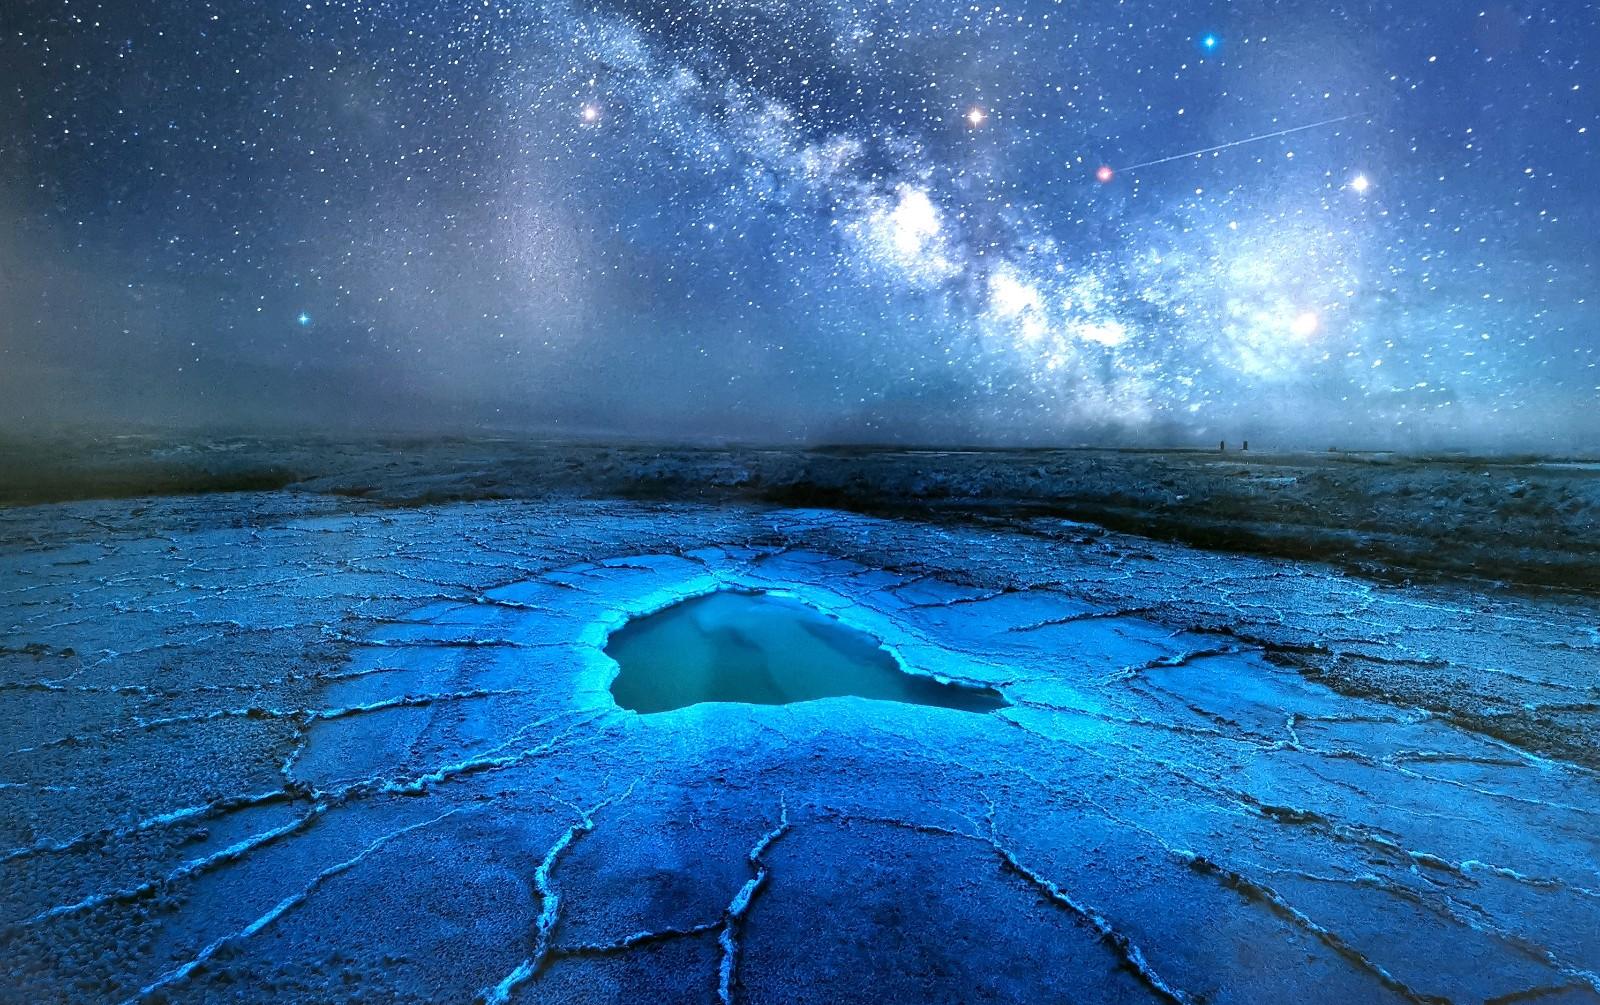 高清大图:从三江之源到黄河入海 请欣赏这场绵延万里的光影盛宴